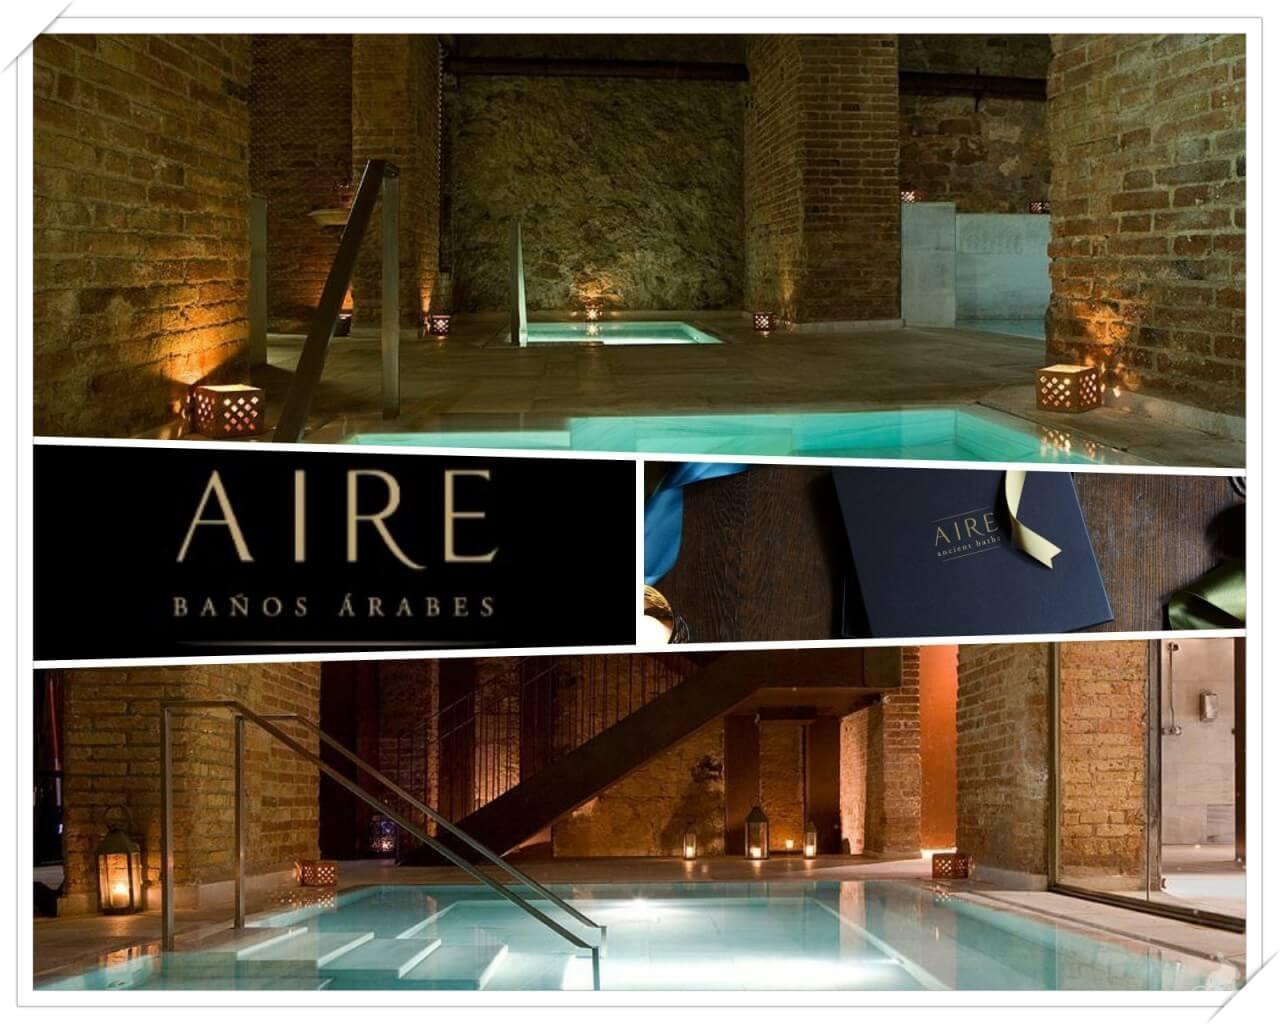 Baños árabes Aire - mejores free tours en Barcelona